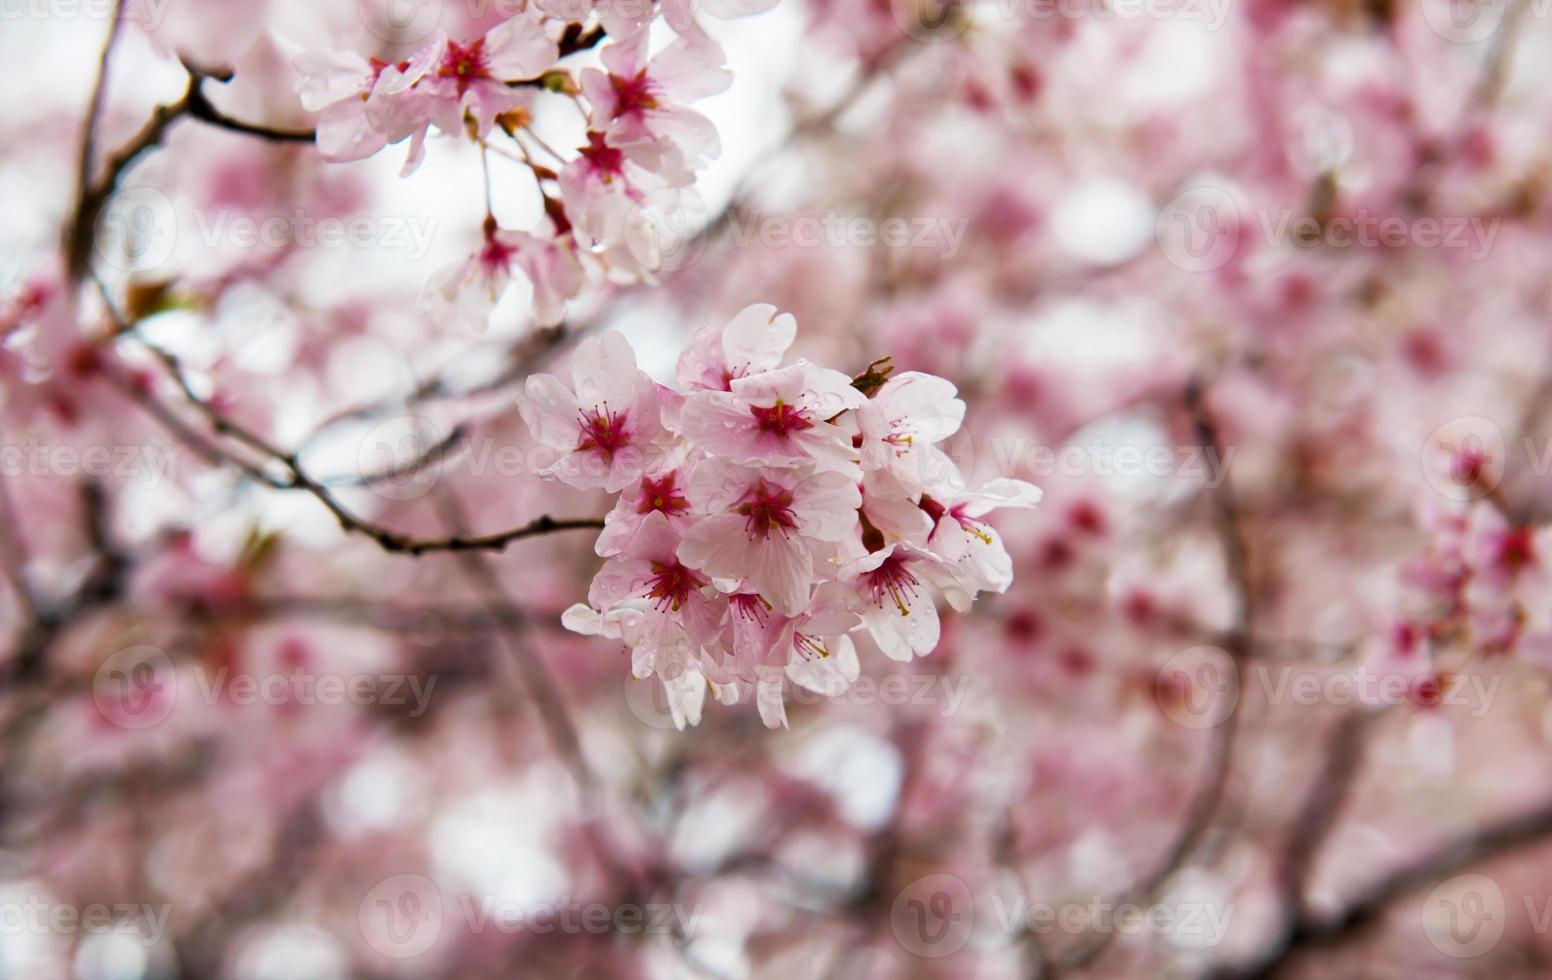 Kirschblüte an einem regnerischen Tag foto